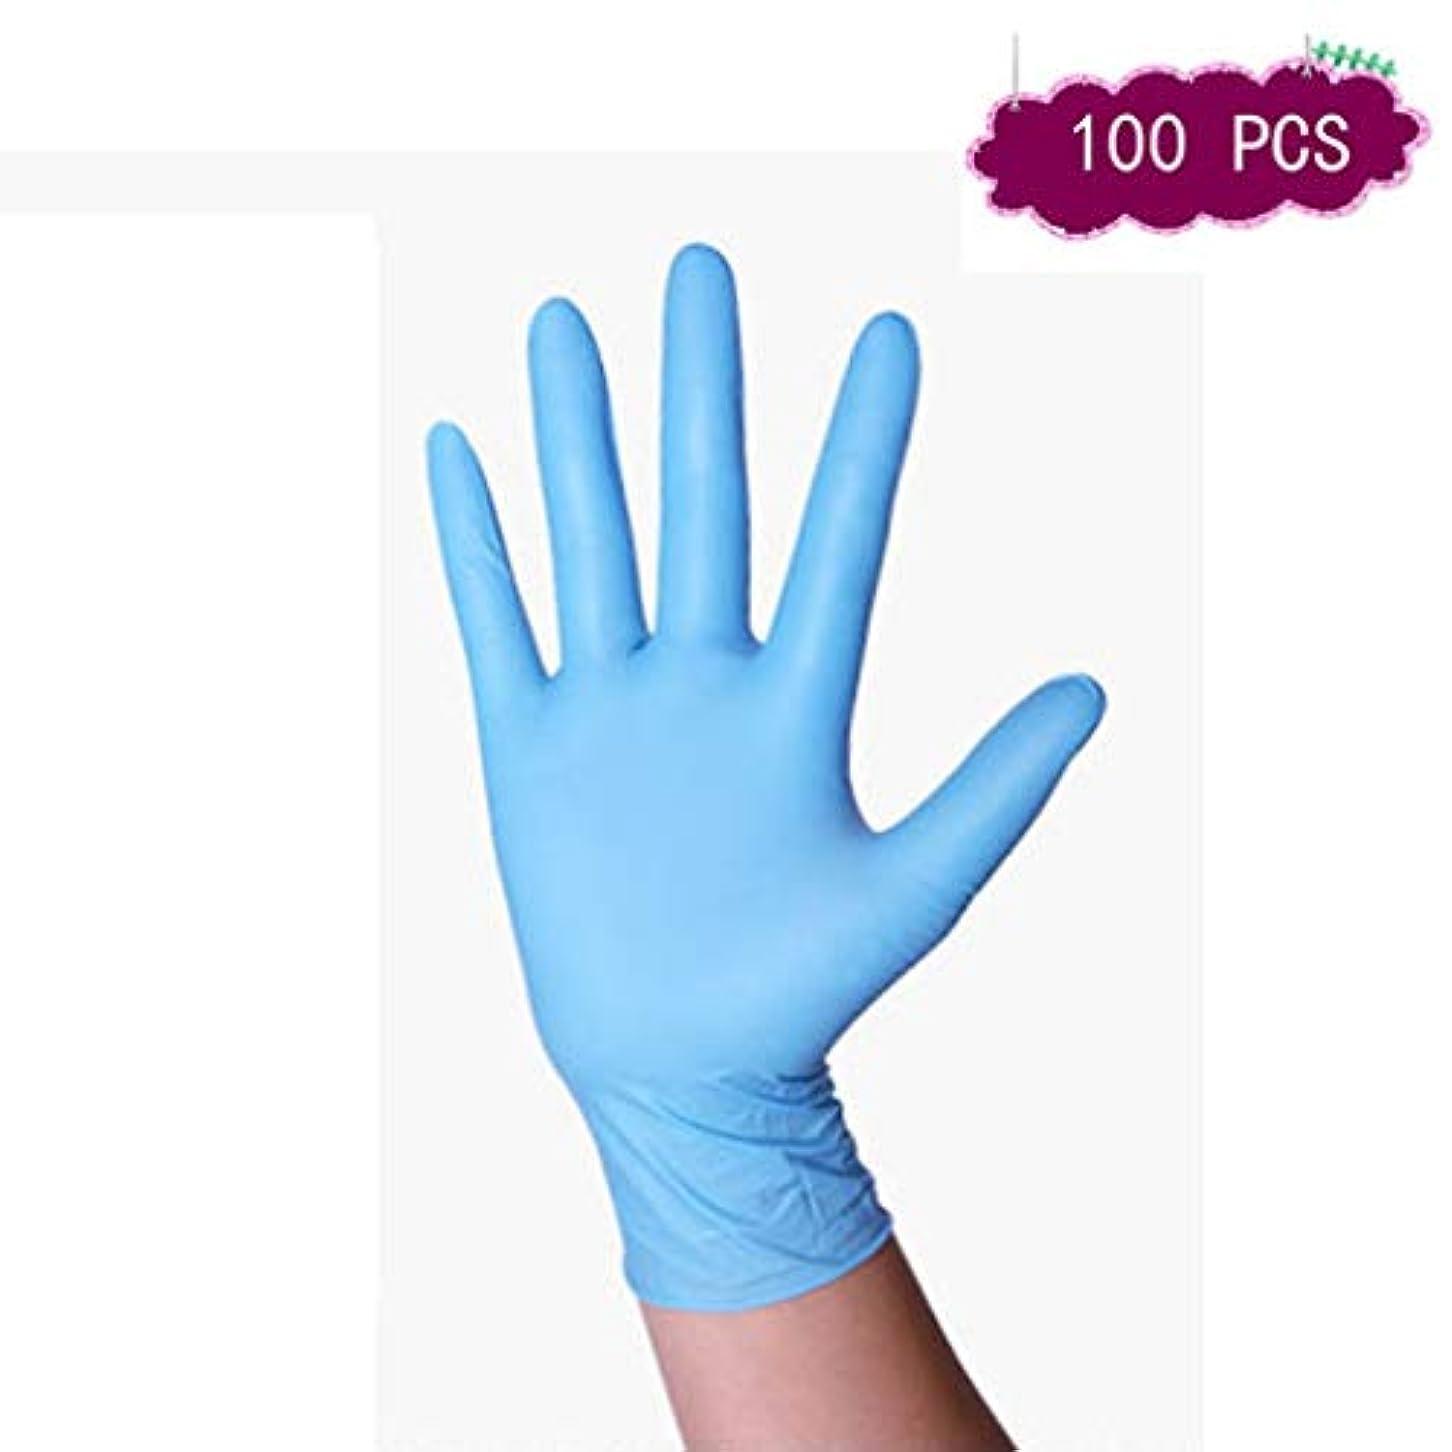 部八スクリーチ使い捨てラテックス手袋ニトリルパウダーフリーの耐久性のある青の保護食品研究所のスキッド手袋なしパウダー (Color : 9 inch, Size : L)